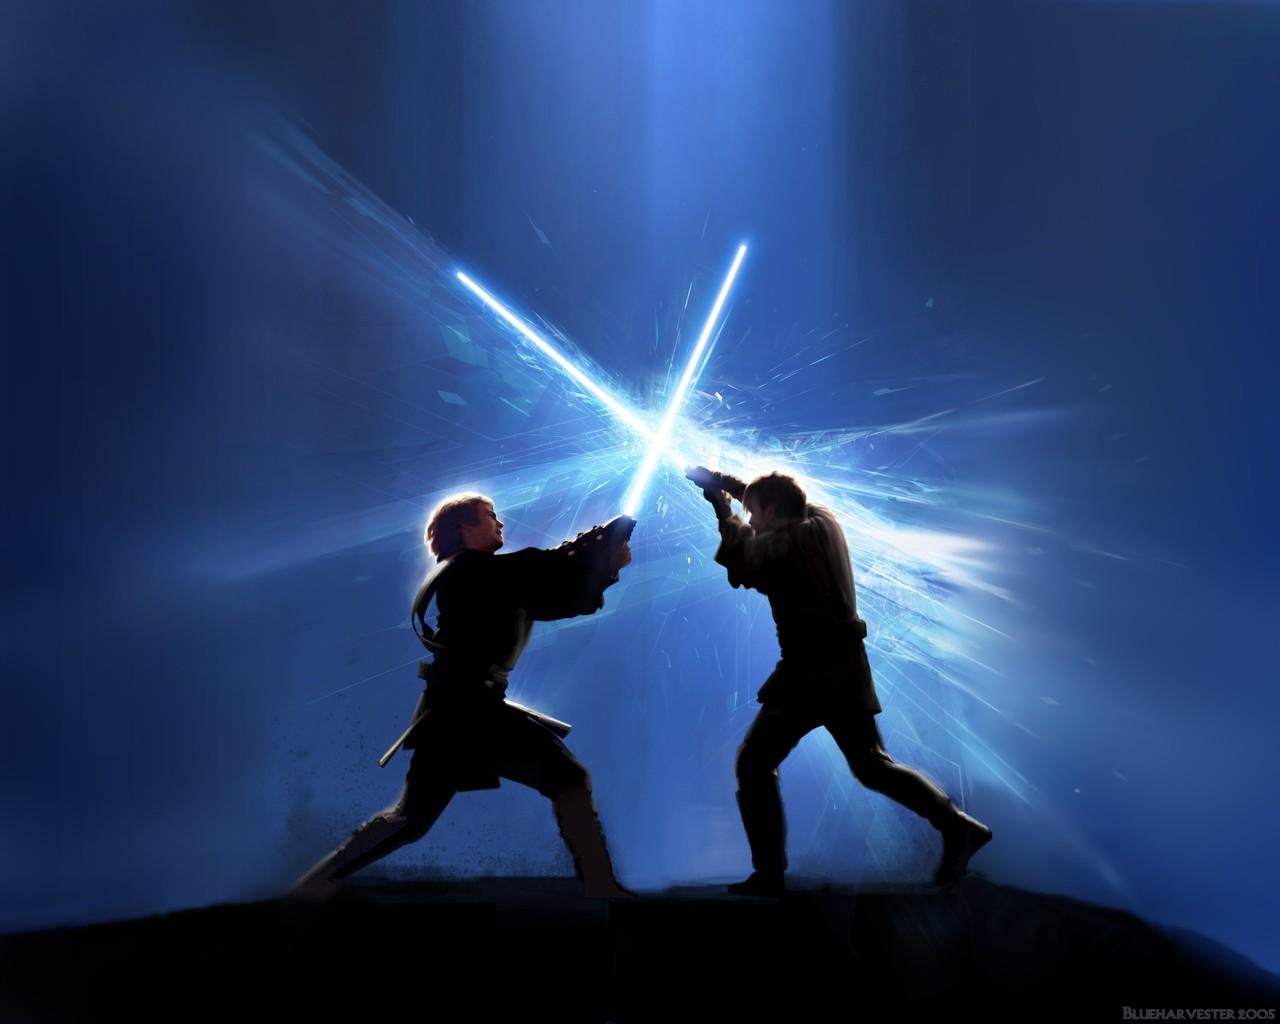 Fuentes de Informacin   Wallpapers de Star Wars HD 1280x1024